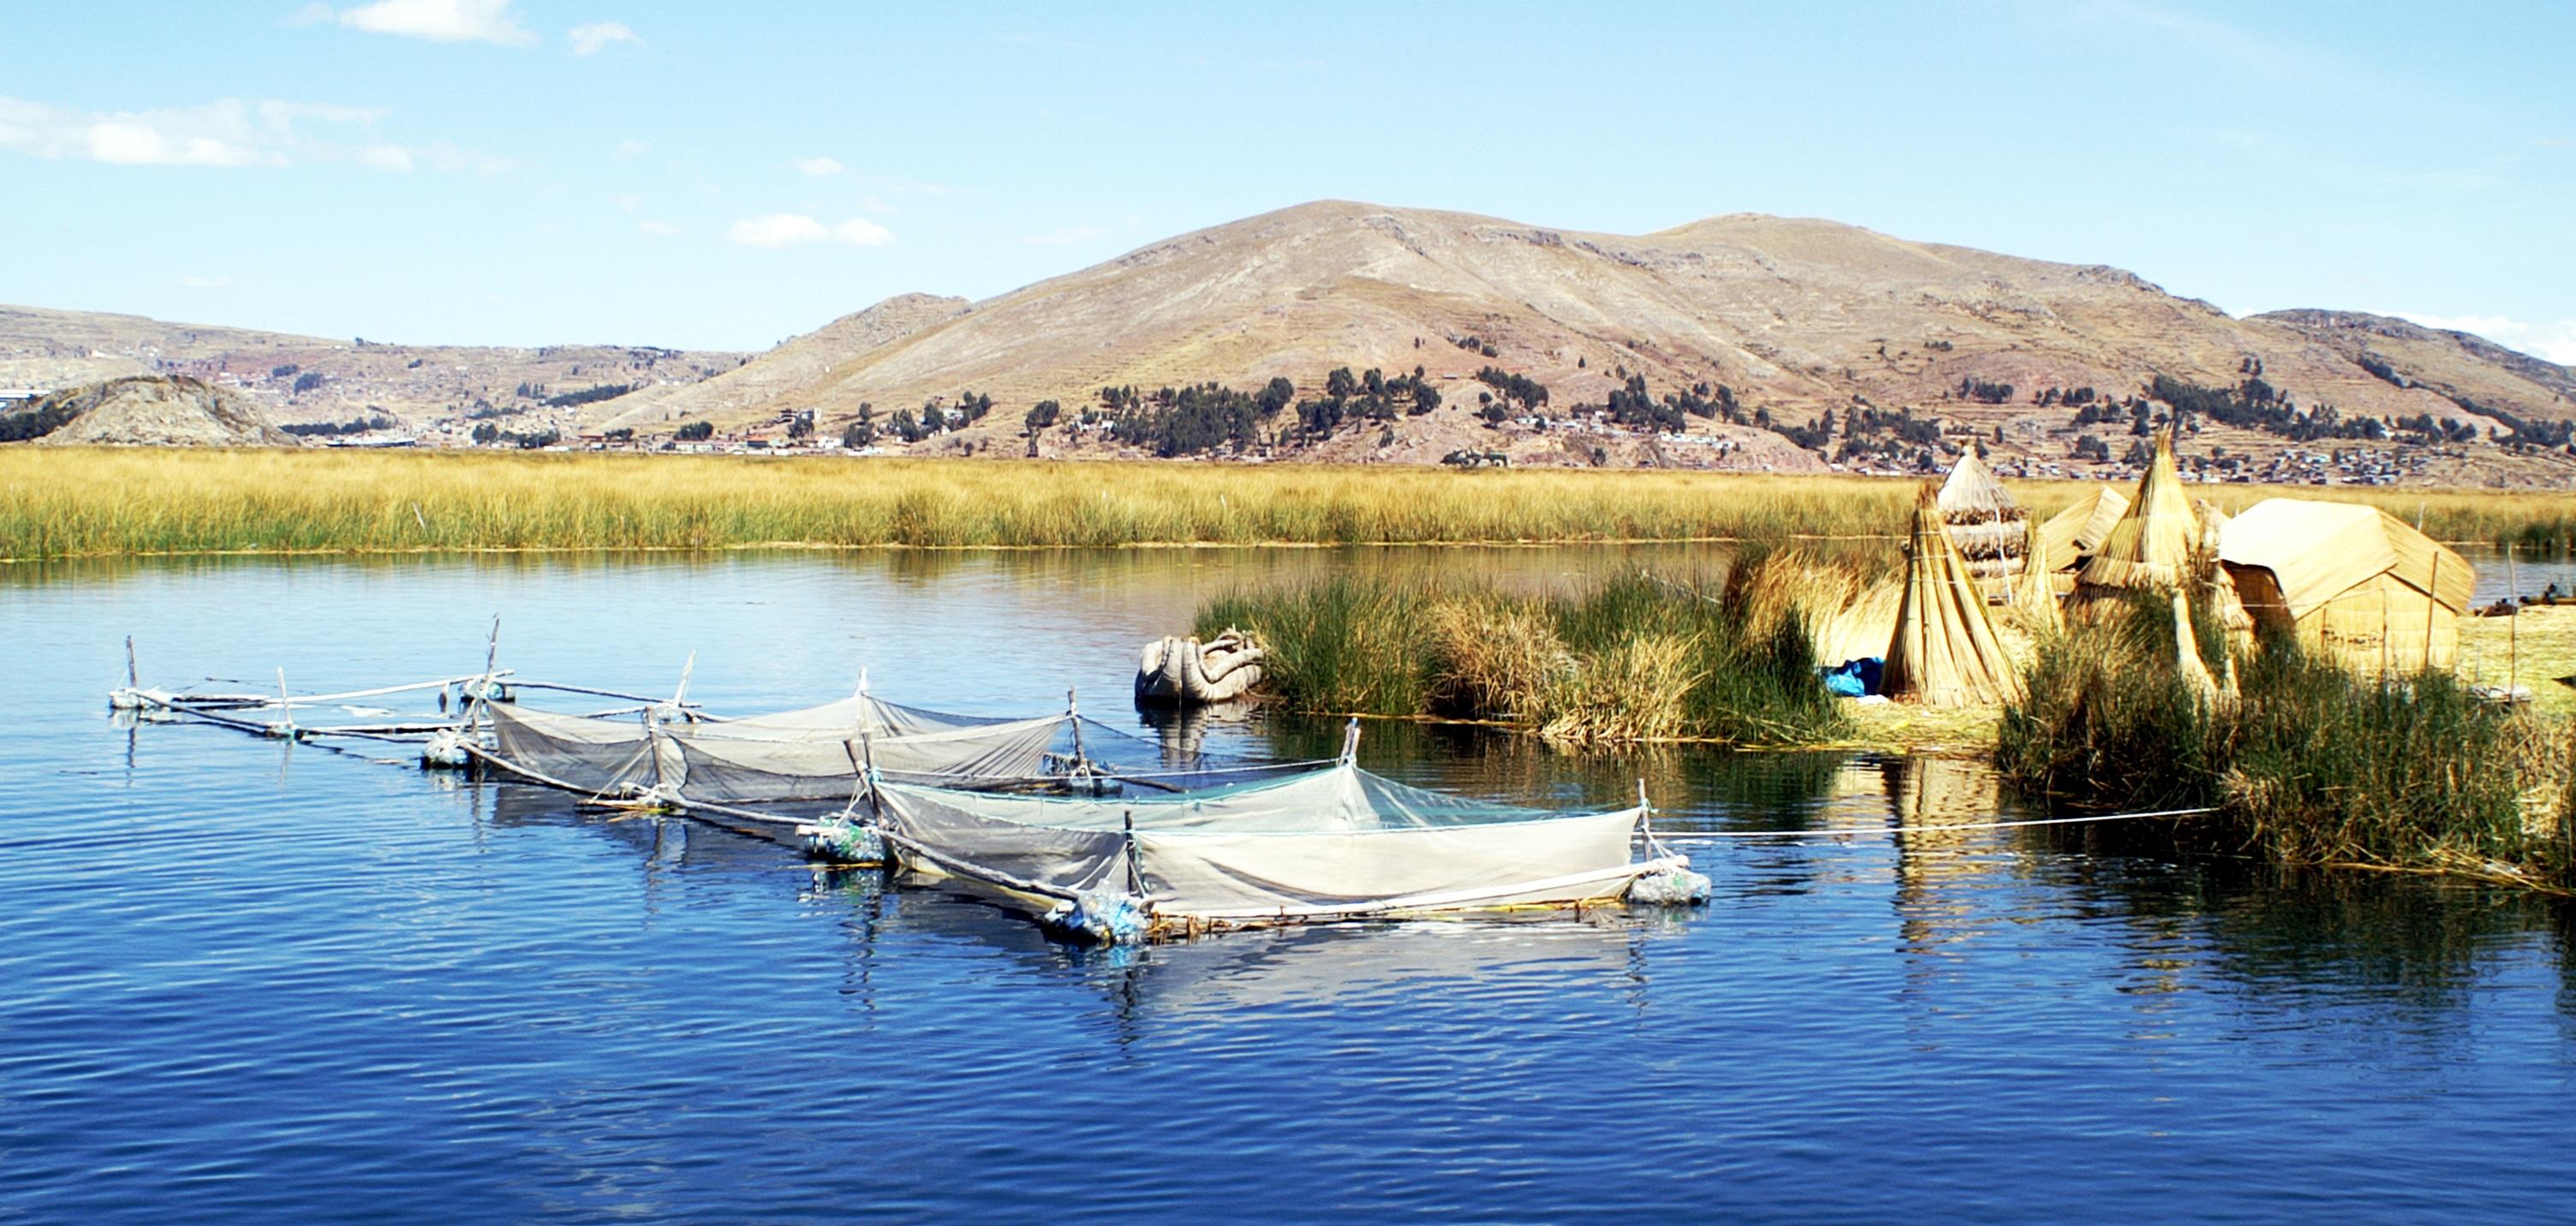 pérou lac titica iles uros habitants Bolivie